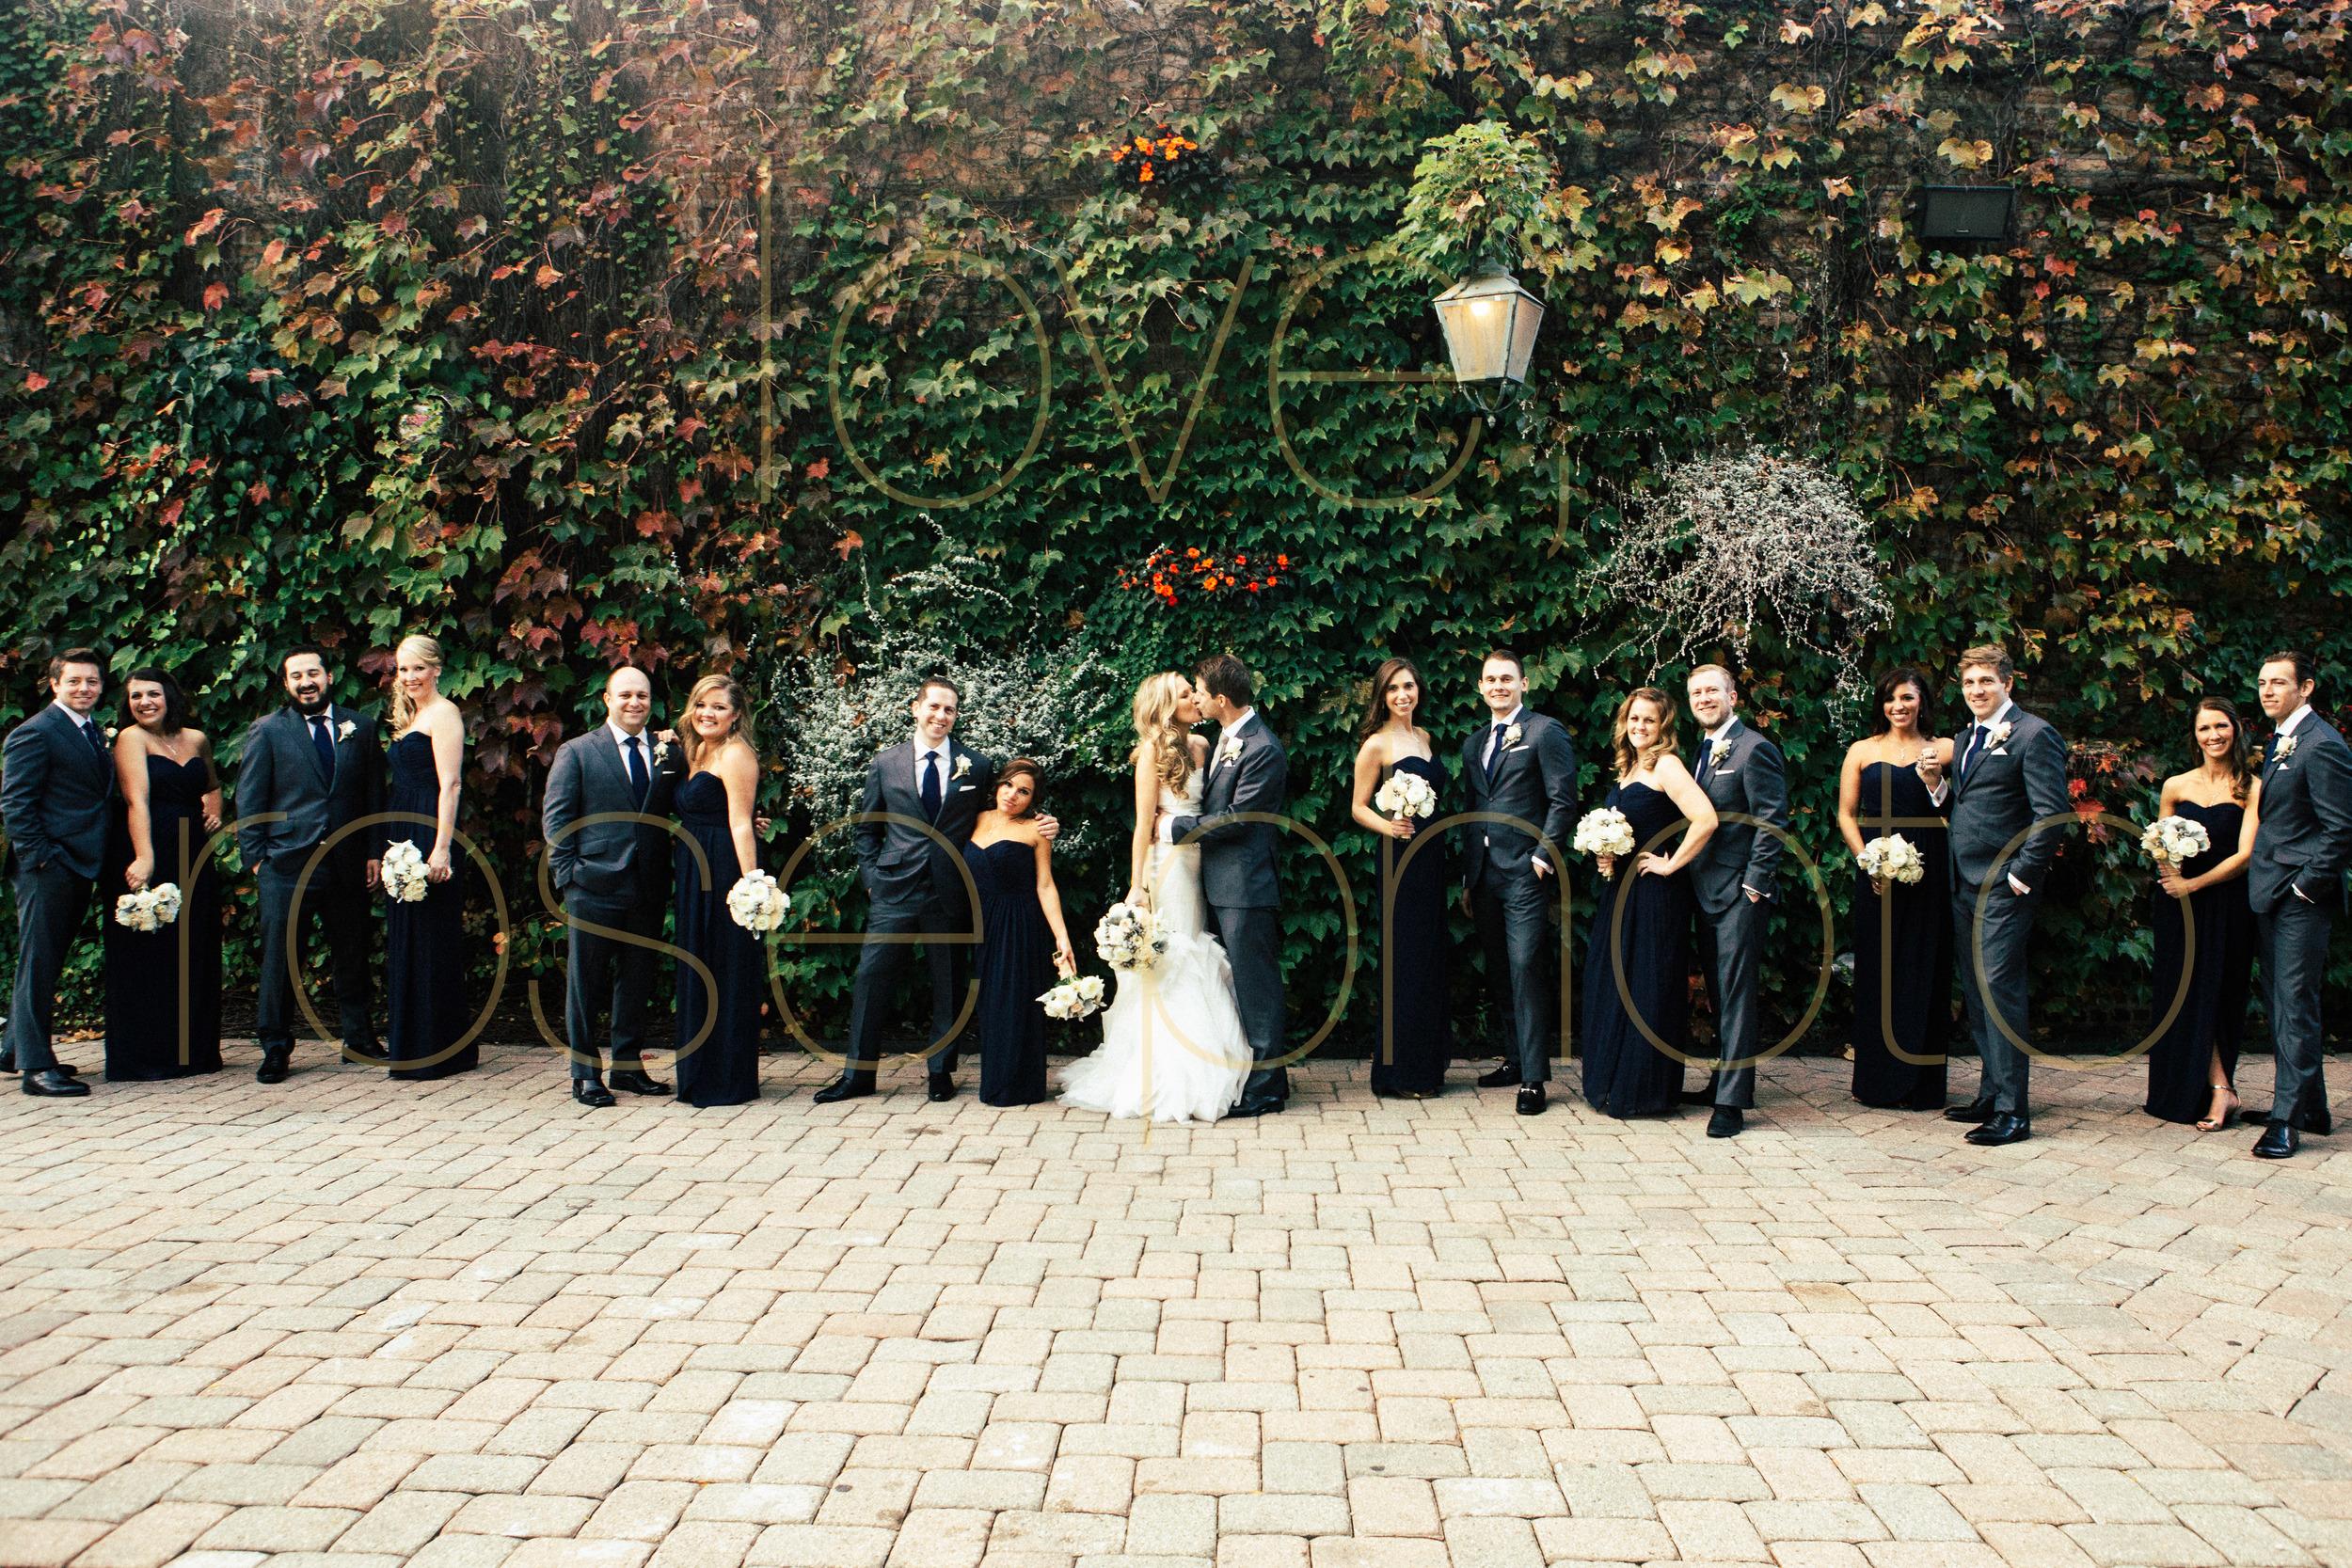 Jodie + Phil Chicago wedding Galleria Marchetti Vera Wang Modern Luxury Brides CS rosegold kinzie street brige -014.jpg